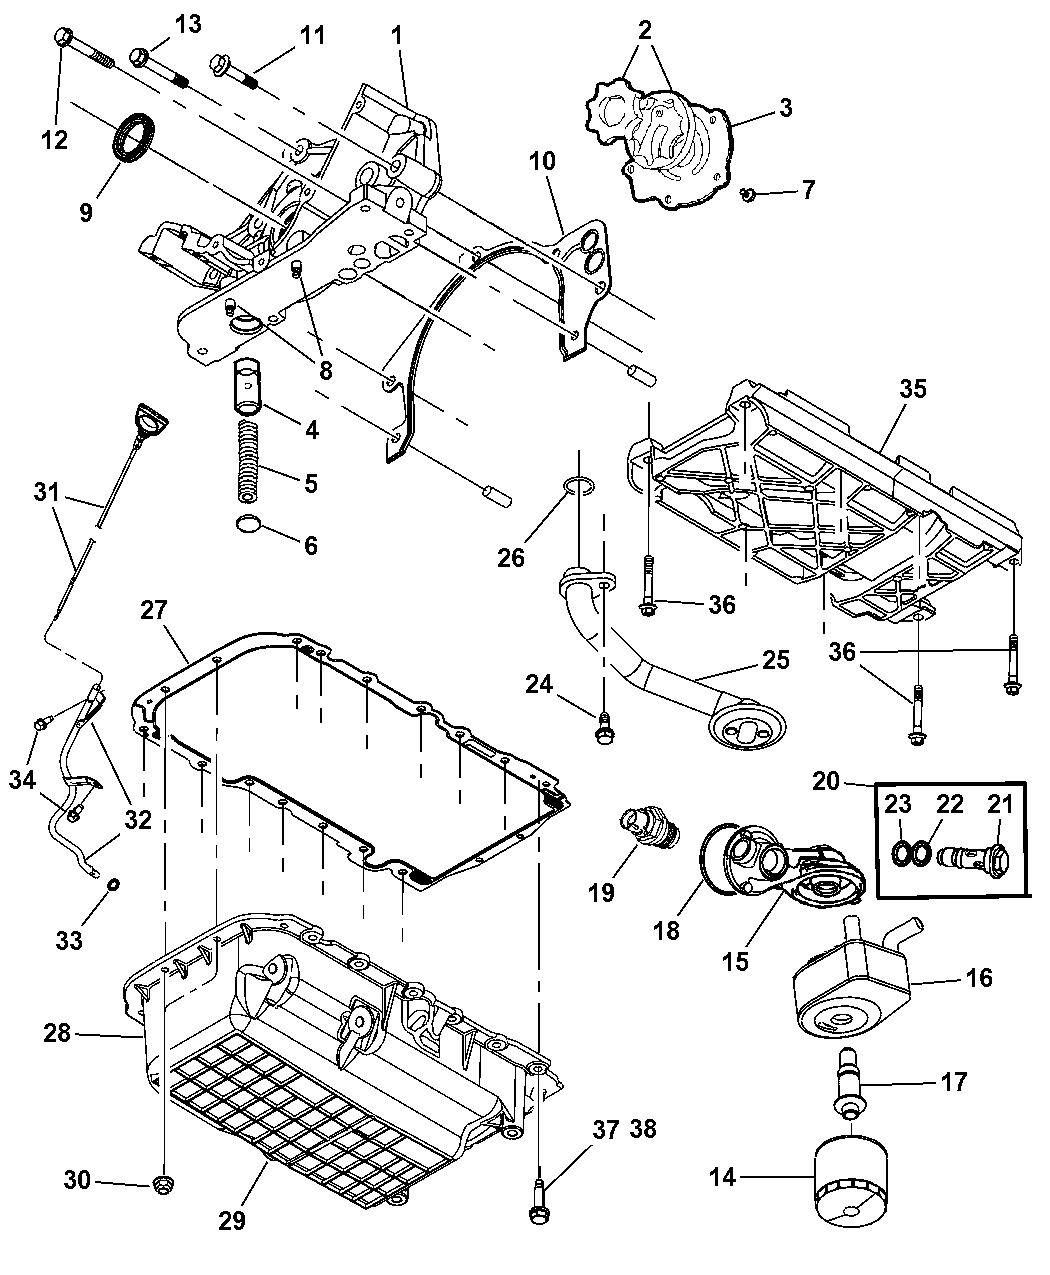 2005 Chrysler Pacifica Engine Oiling Mopar Parts Giant 3 8 Diagram Thumbnail 2